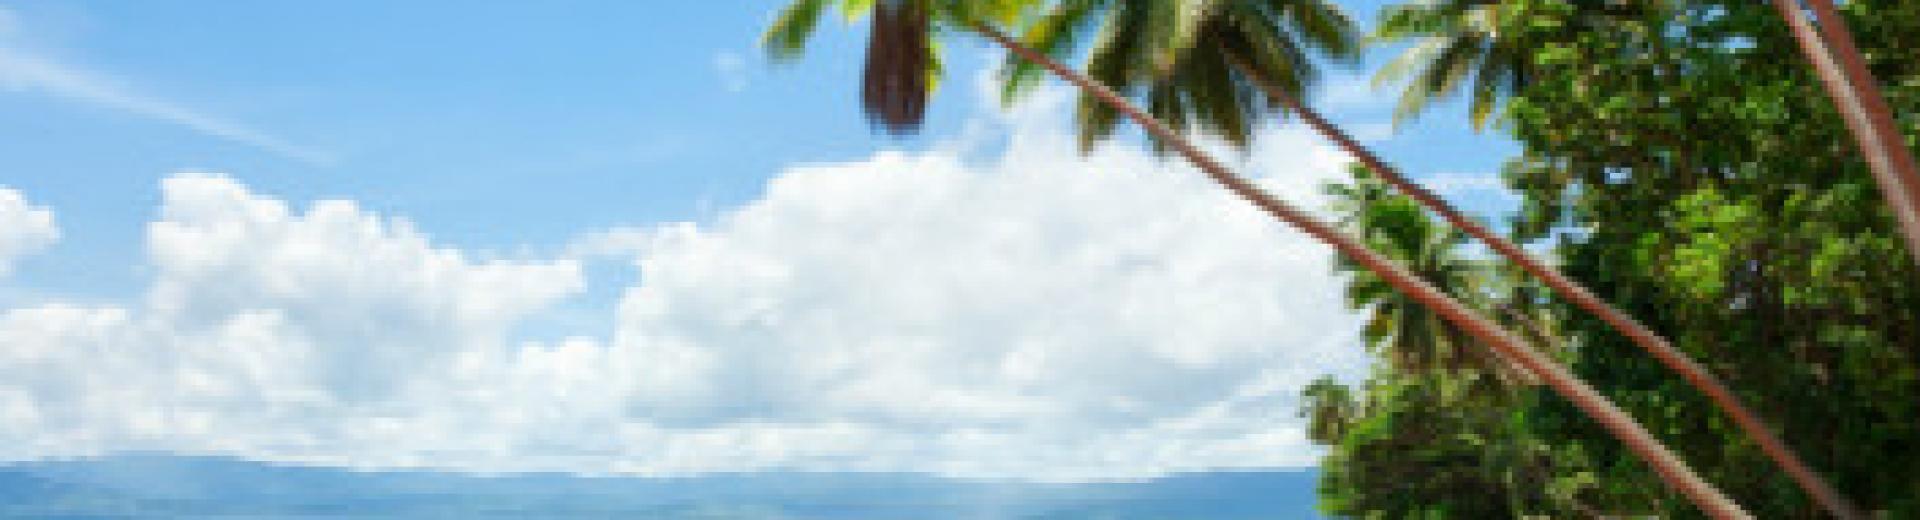 Savusavu Bay at Vanua Levu